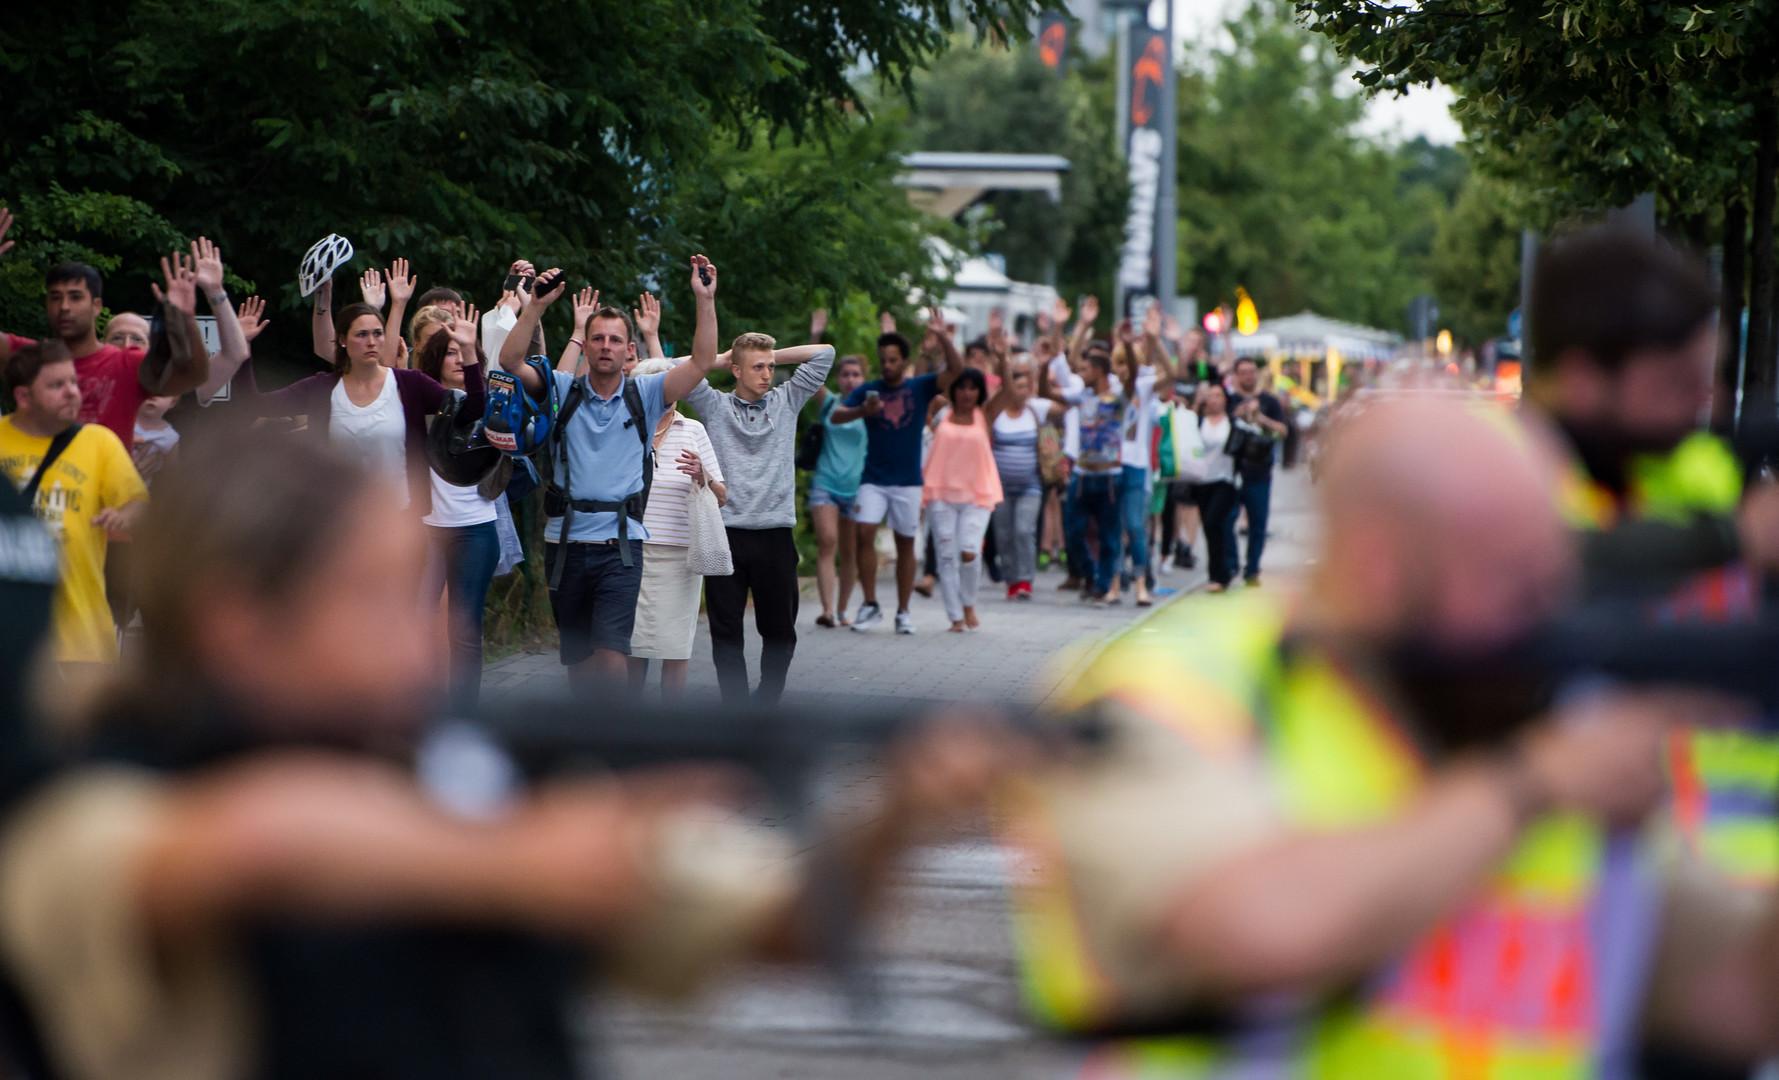 Полиция эвакуирует посетителей торгового центра в Мюнхене, после того как 18-летний немец иранского происхождения открыл огонь по местных жителям 22 июля.